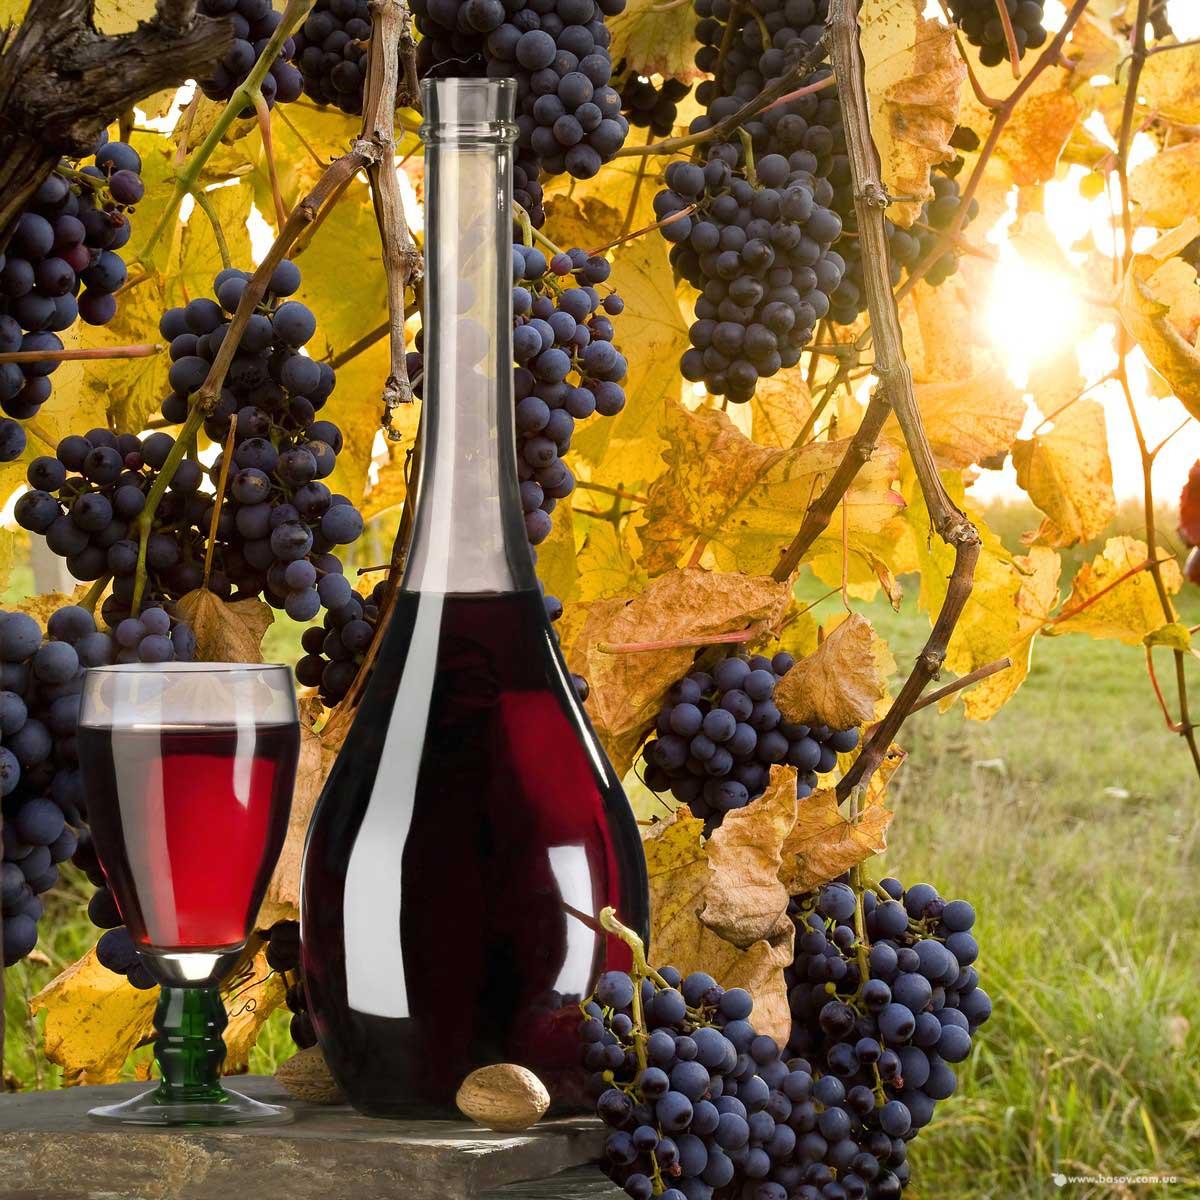 krasnoe-vino-poleznii